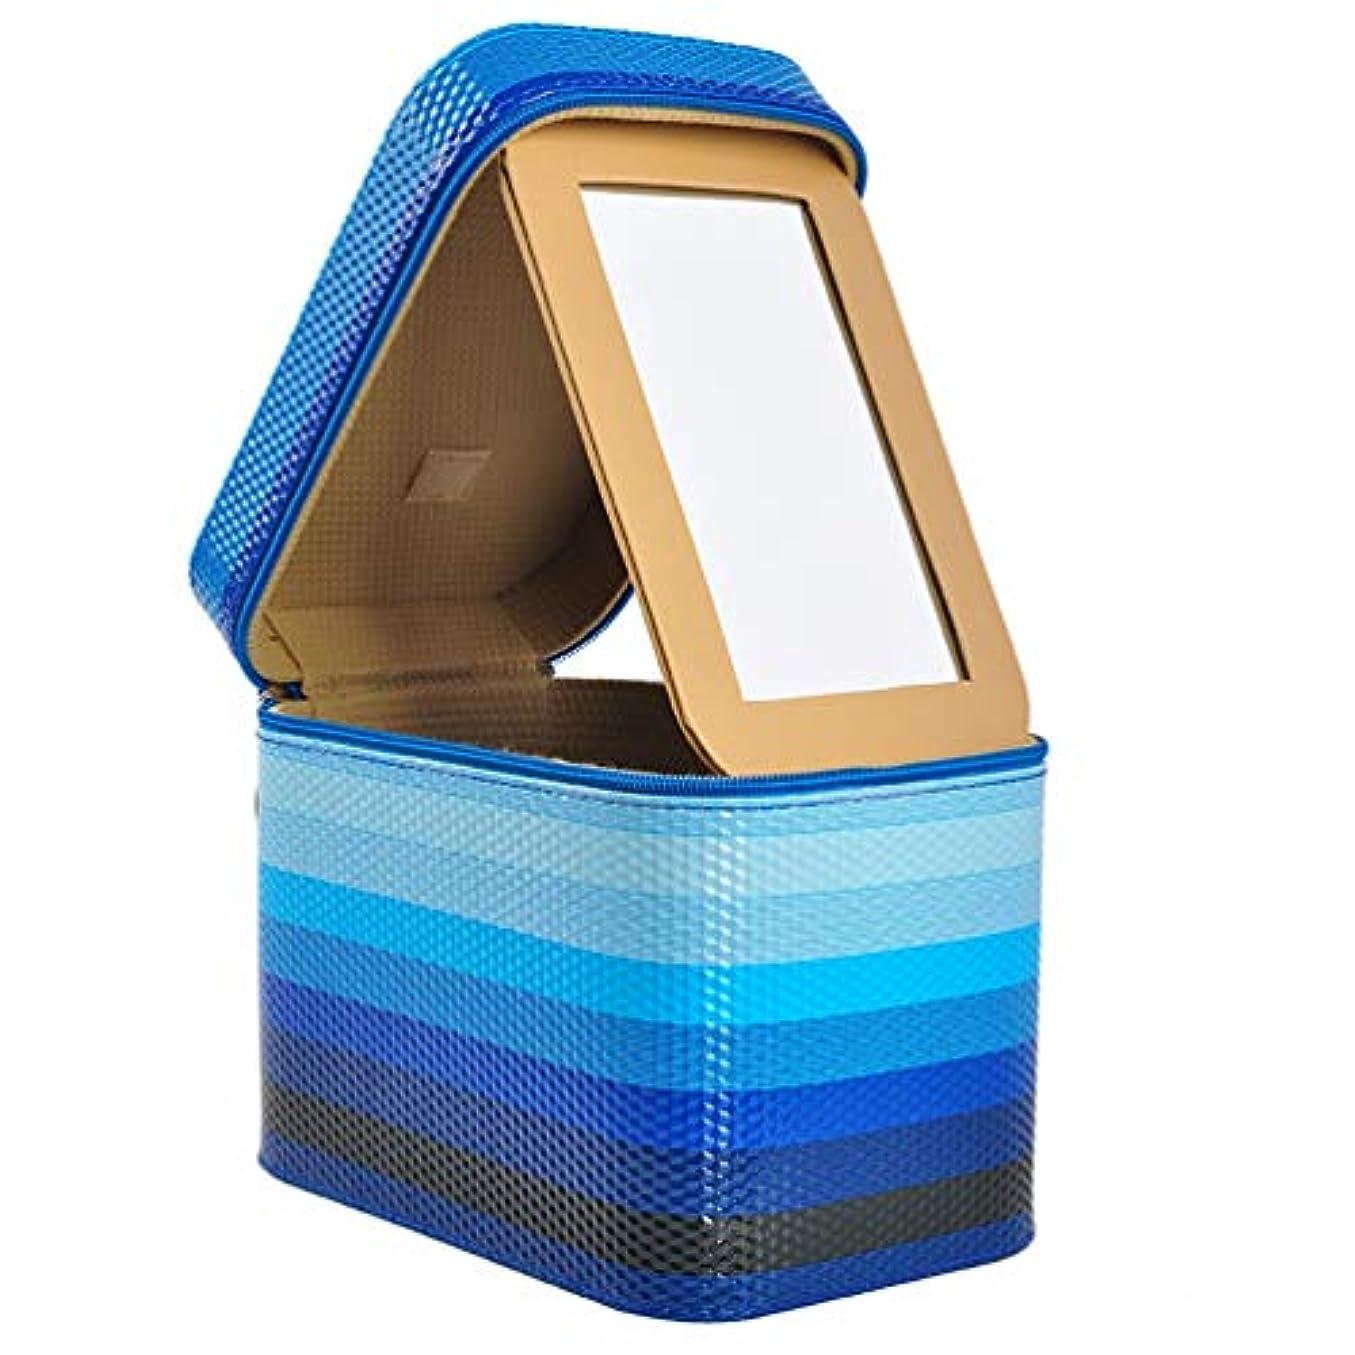 助けてパーチナシティ実証する[カタク]メイクボックス コスメボックス 大容量 鏡付き 化粧ボックス おしゃれ 取っ手付 携帯便利 化粧道具 メイクブラシ 小物 出張 旅行 機能的 PUレザー プロ仕様 きらきら 化粧ポーチ コスメBOX ブルー